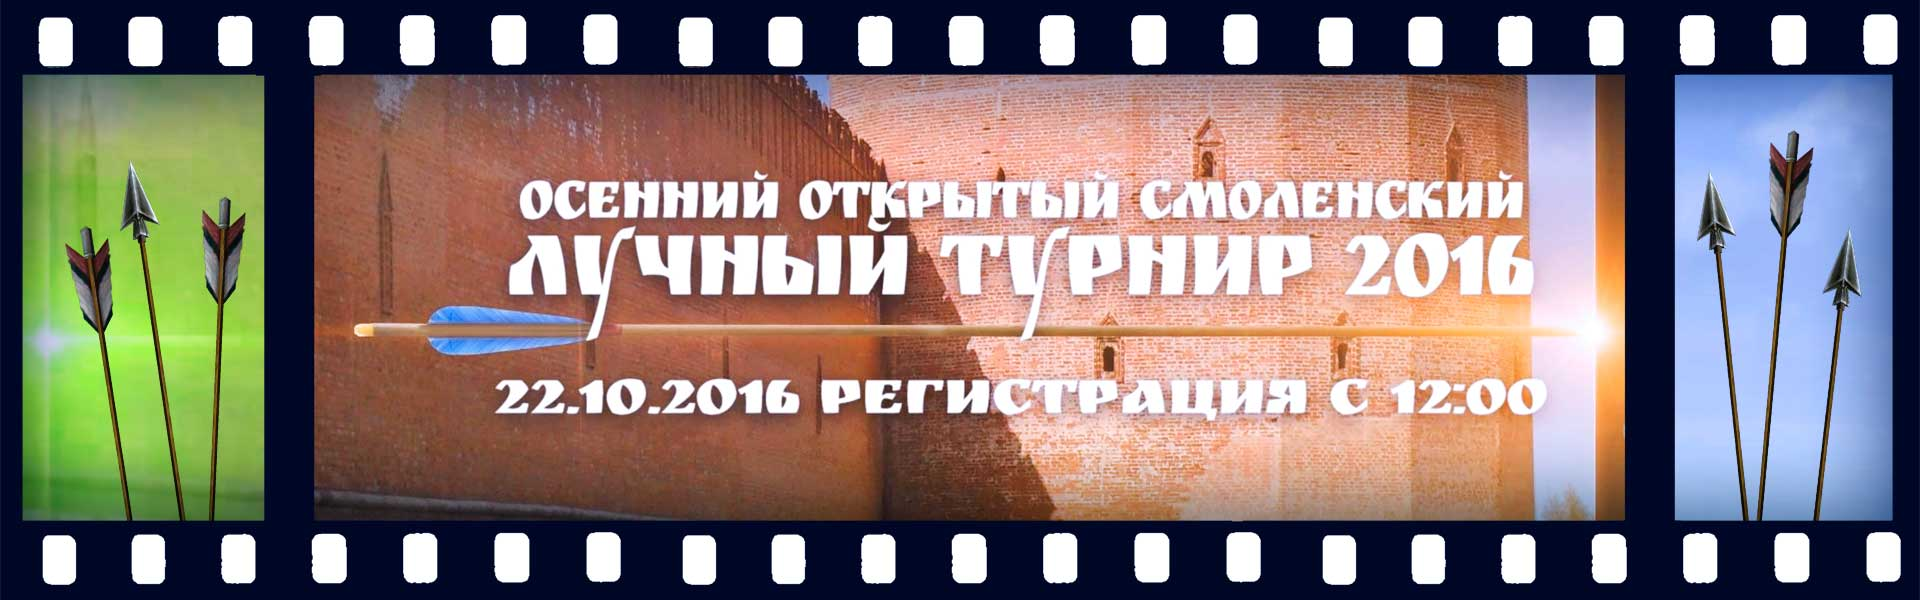 Осенний турнир по стрельбе из лука, Смоленск 2016